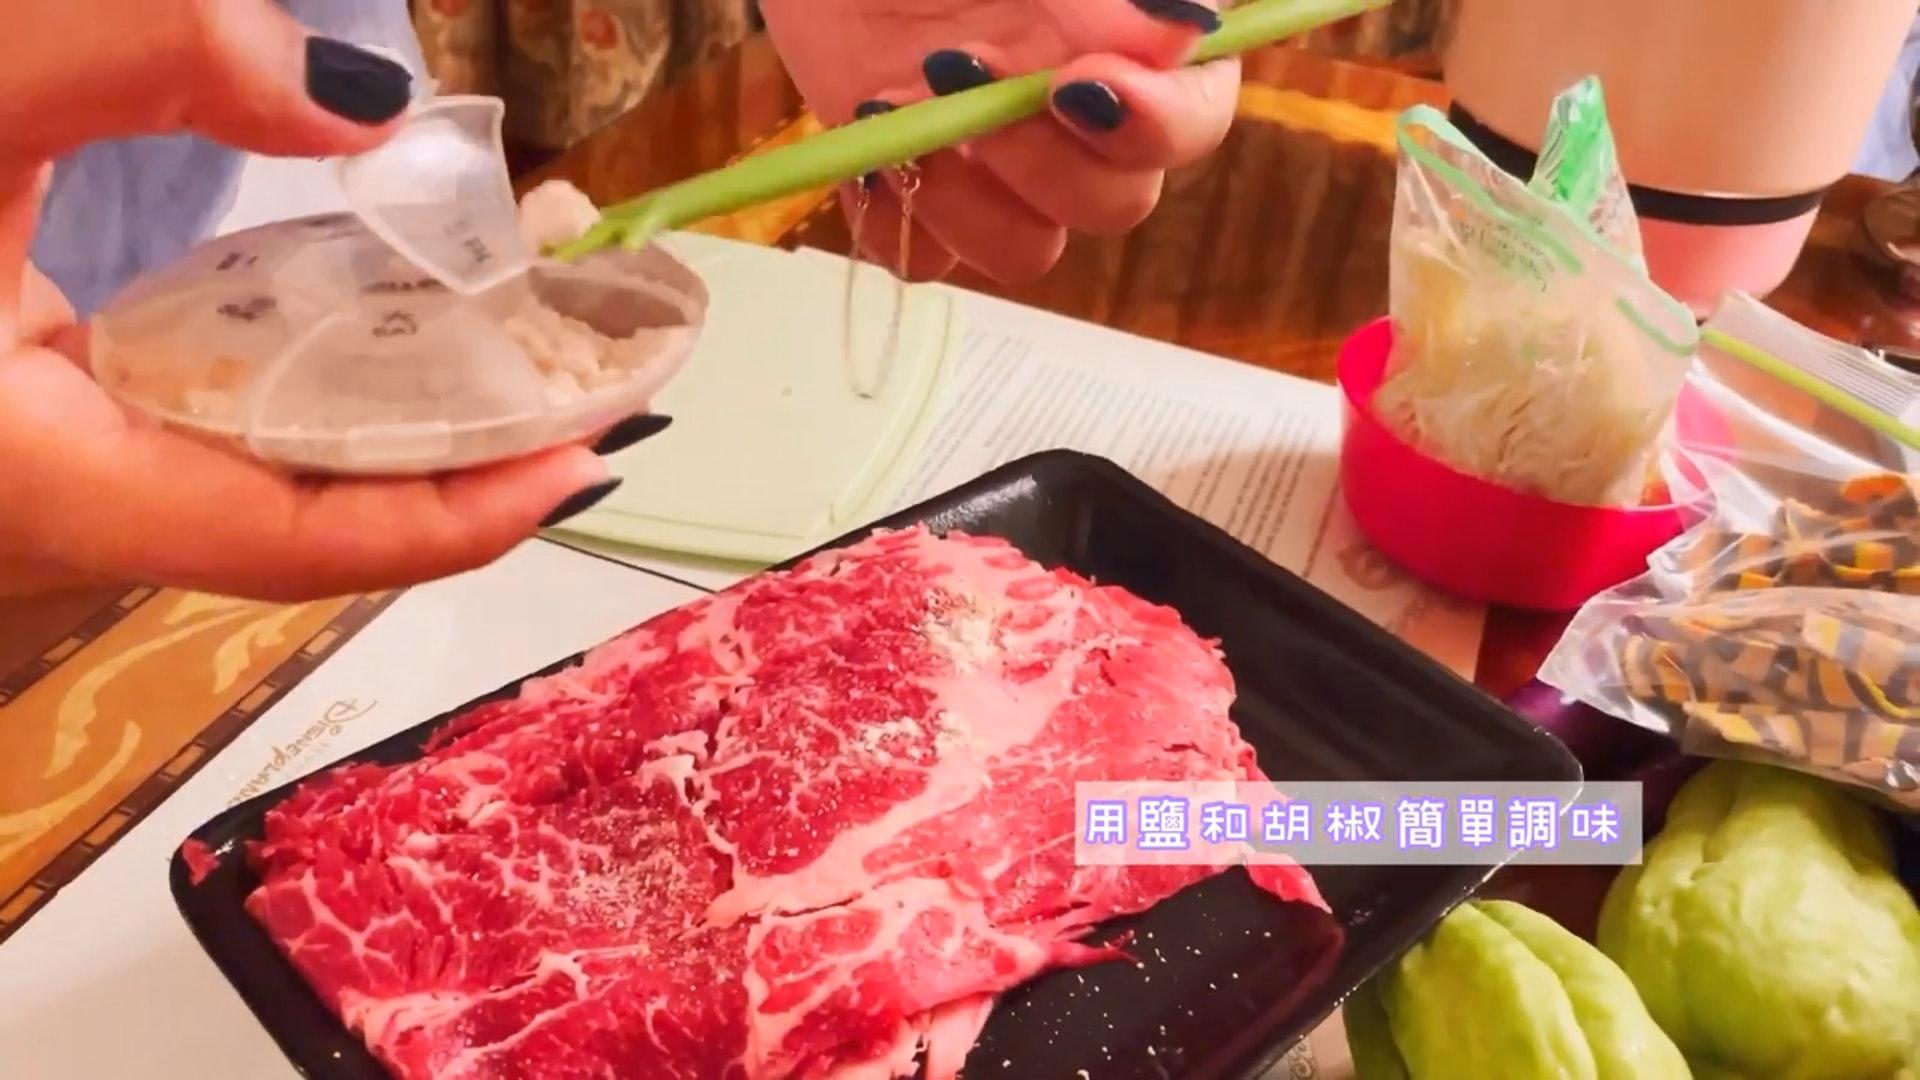 【2】又用調味料腌製牛肉。(YouTube短片截圖)